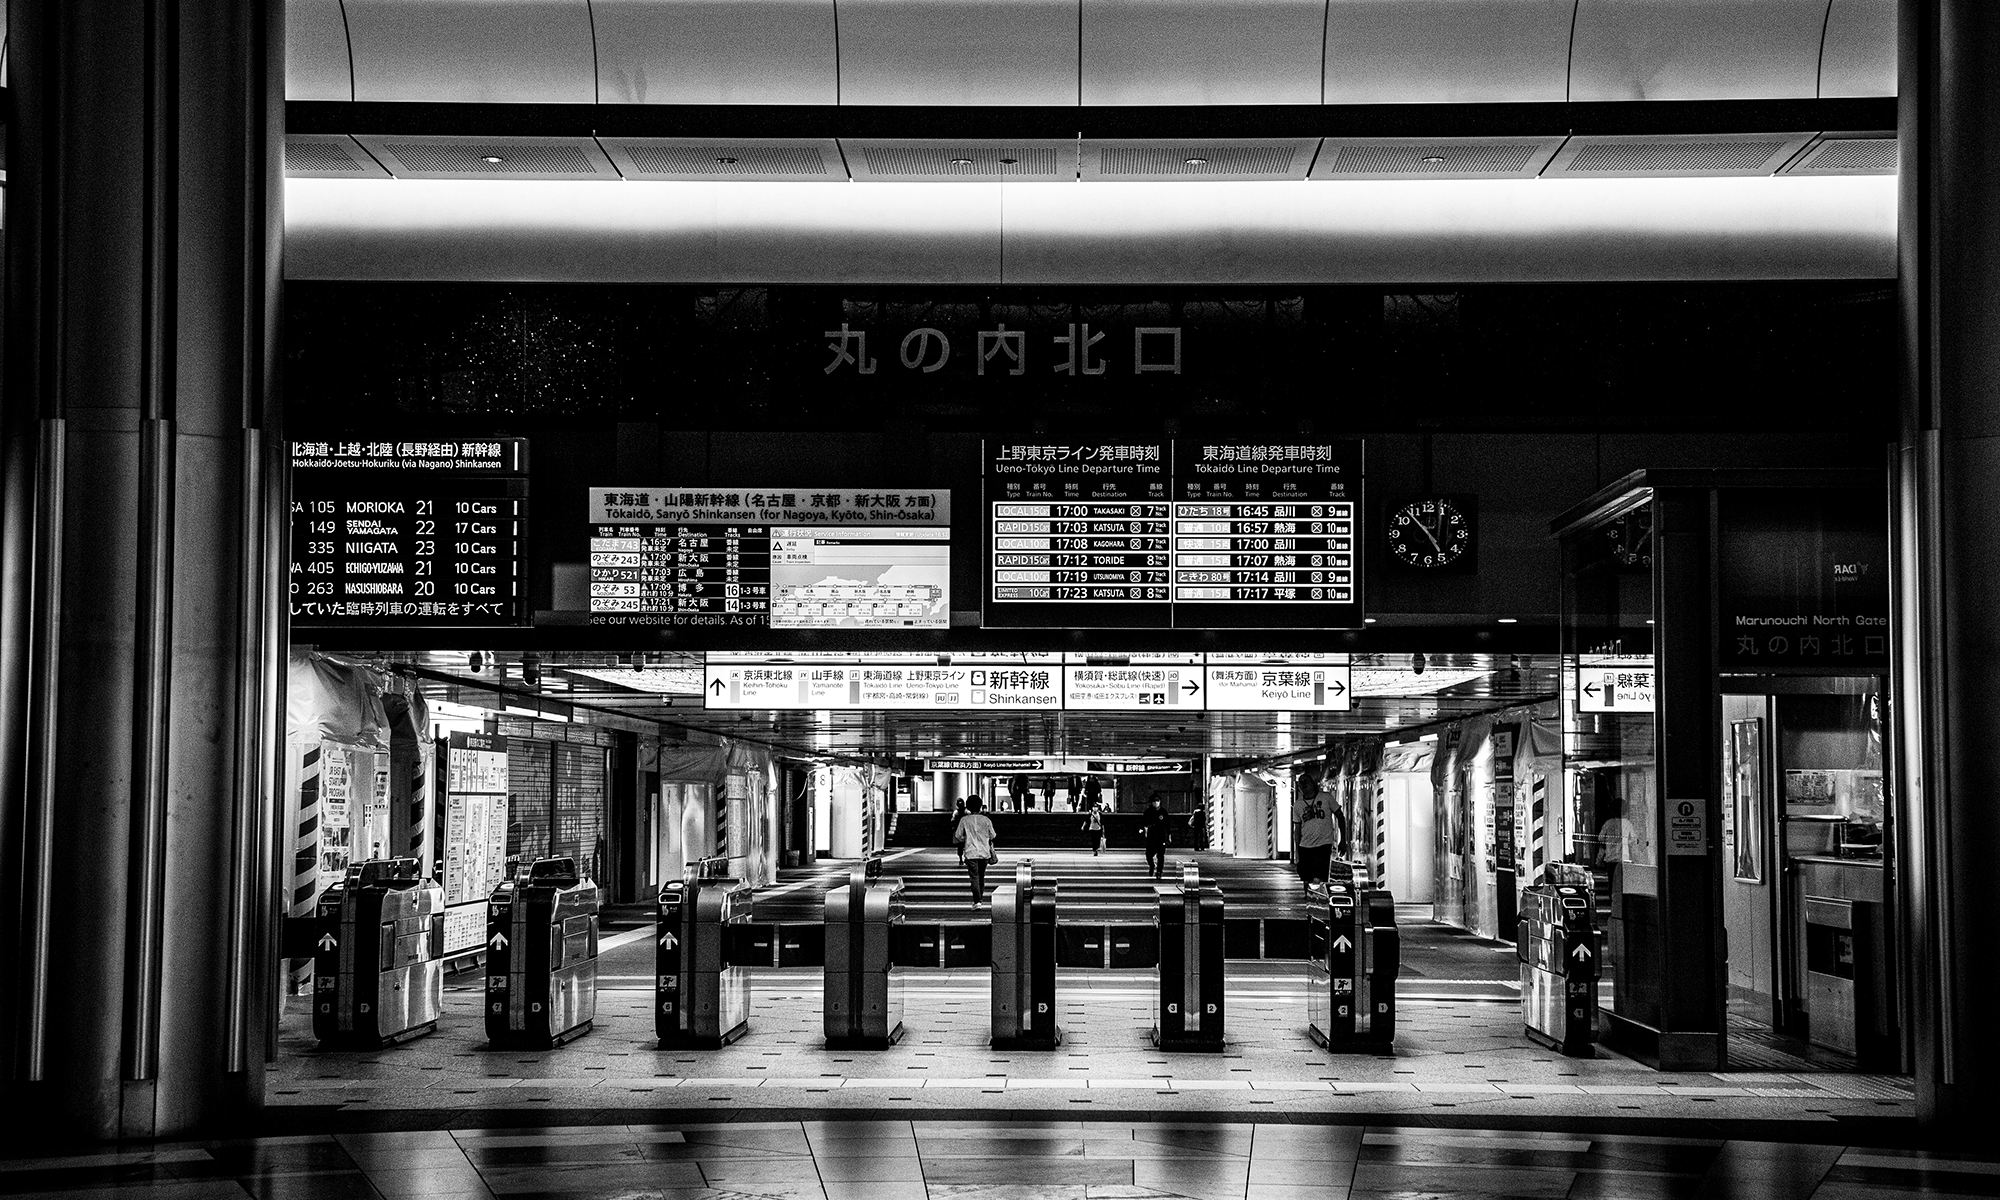 冷清的原宿街头,梅咏拍下了疫情期间「无人的东京实录」